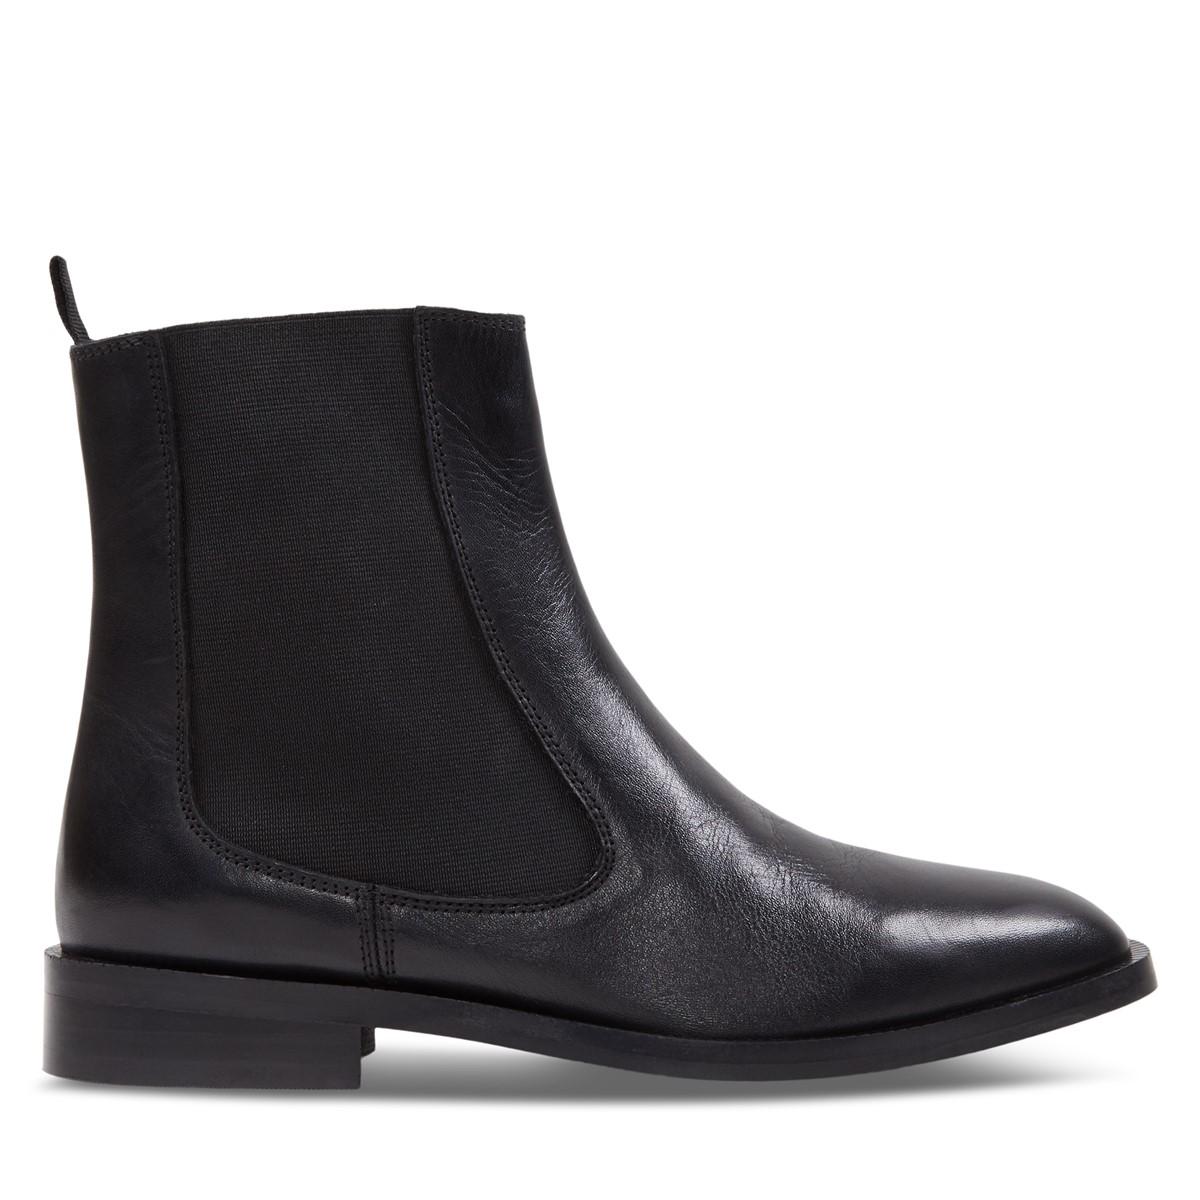 Women's Aya Chelsea Boots in Black